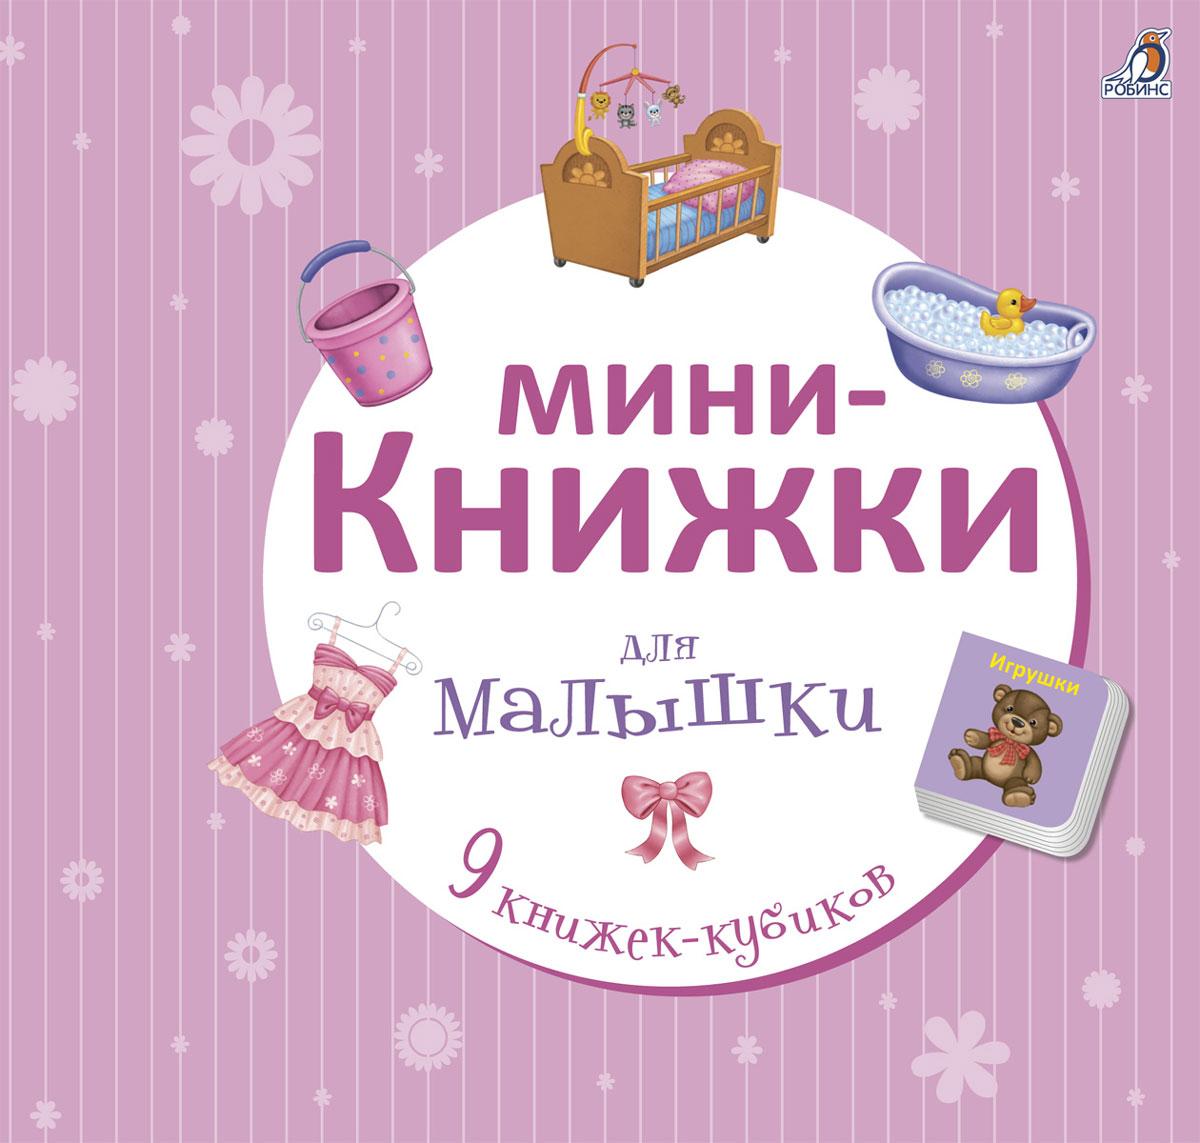 Мини-книжки для малышки (комплект из 9 книжек-кубиков) книга для детей clever 9 книжек кубиков умный малыш